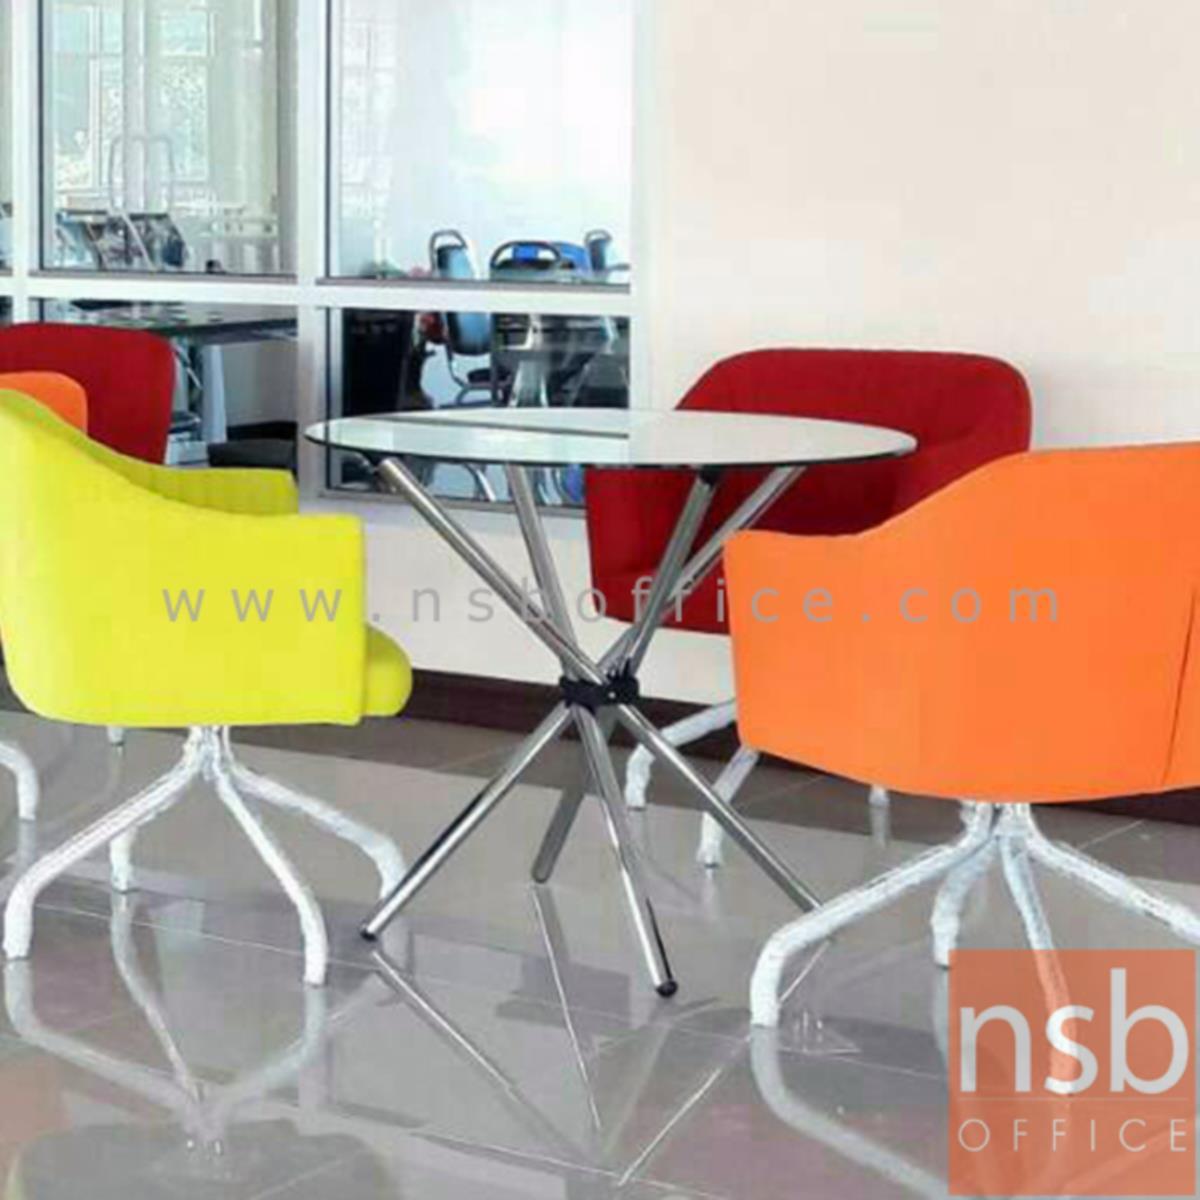 เก้าอี้พักผ่อนหุ้มผ้า  รุ่น MM-CD-1S  ขนาด 65W cm. ขาเหล็กโครเมี่ยม 4 แฉก (สินค้ารอผลิต 15 วัน)